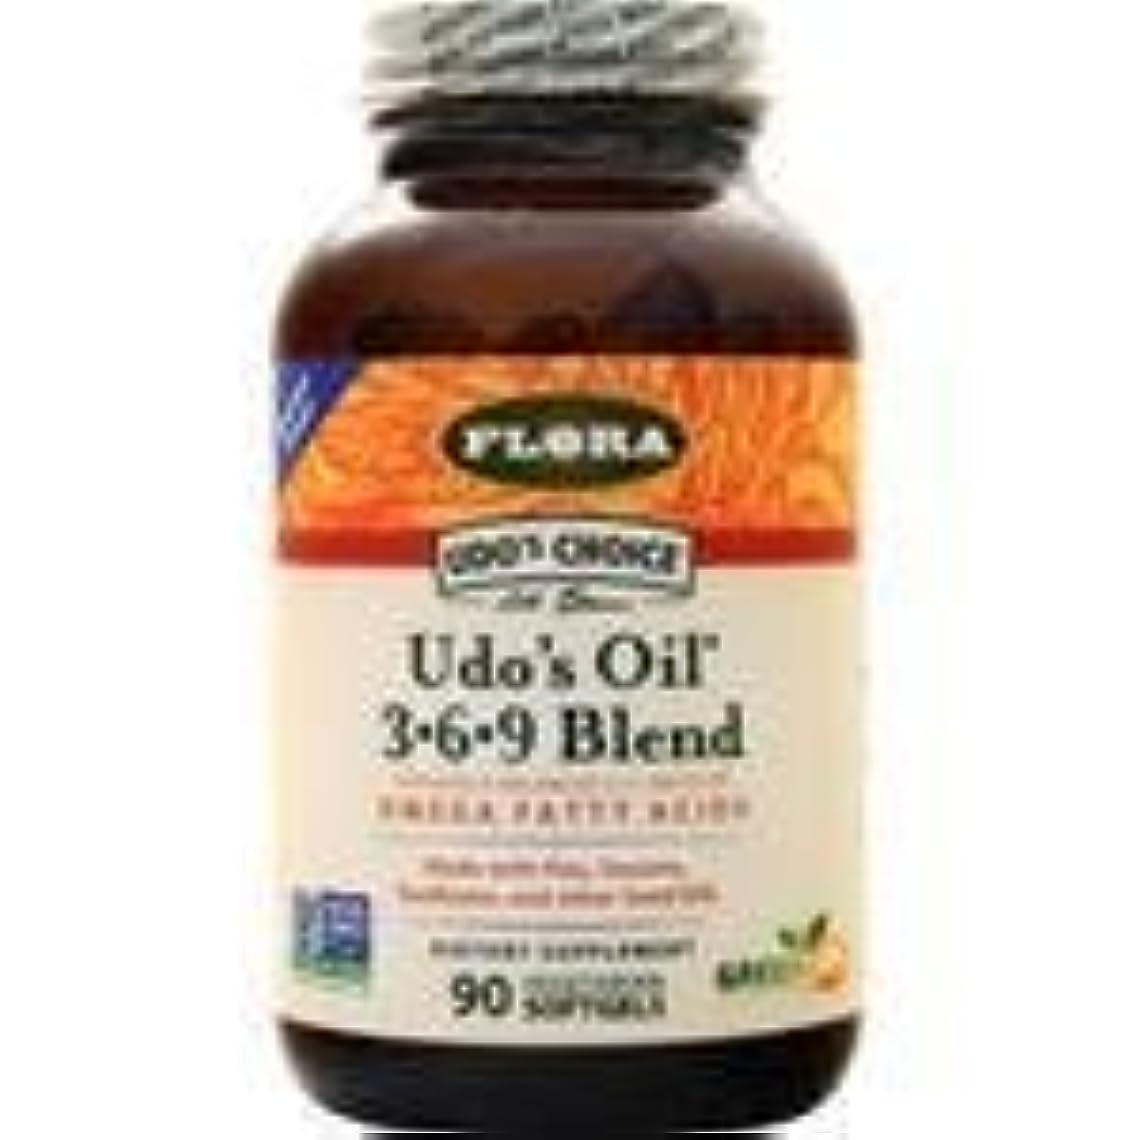 同盟ソース識別Udo's Choice Udo's Oil 3-6-9 Blend 90 sgels 2個パック